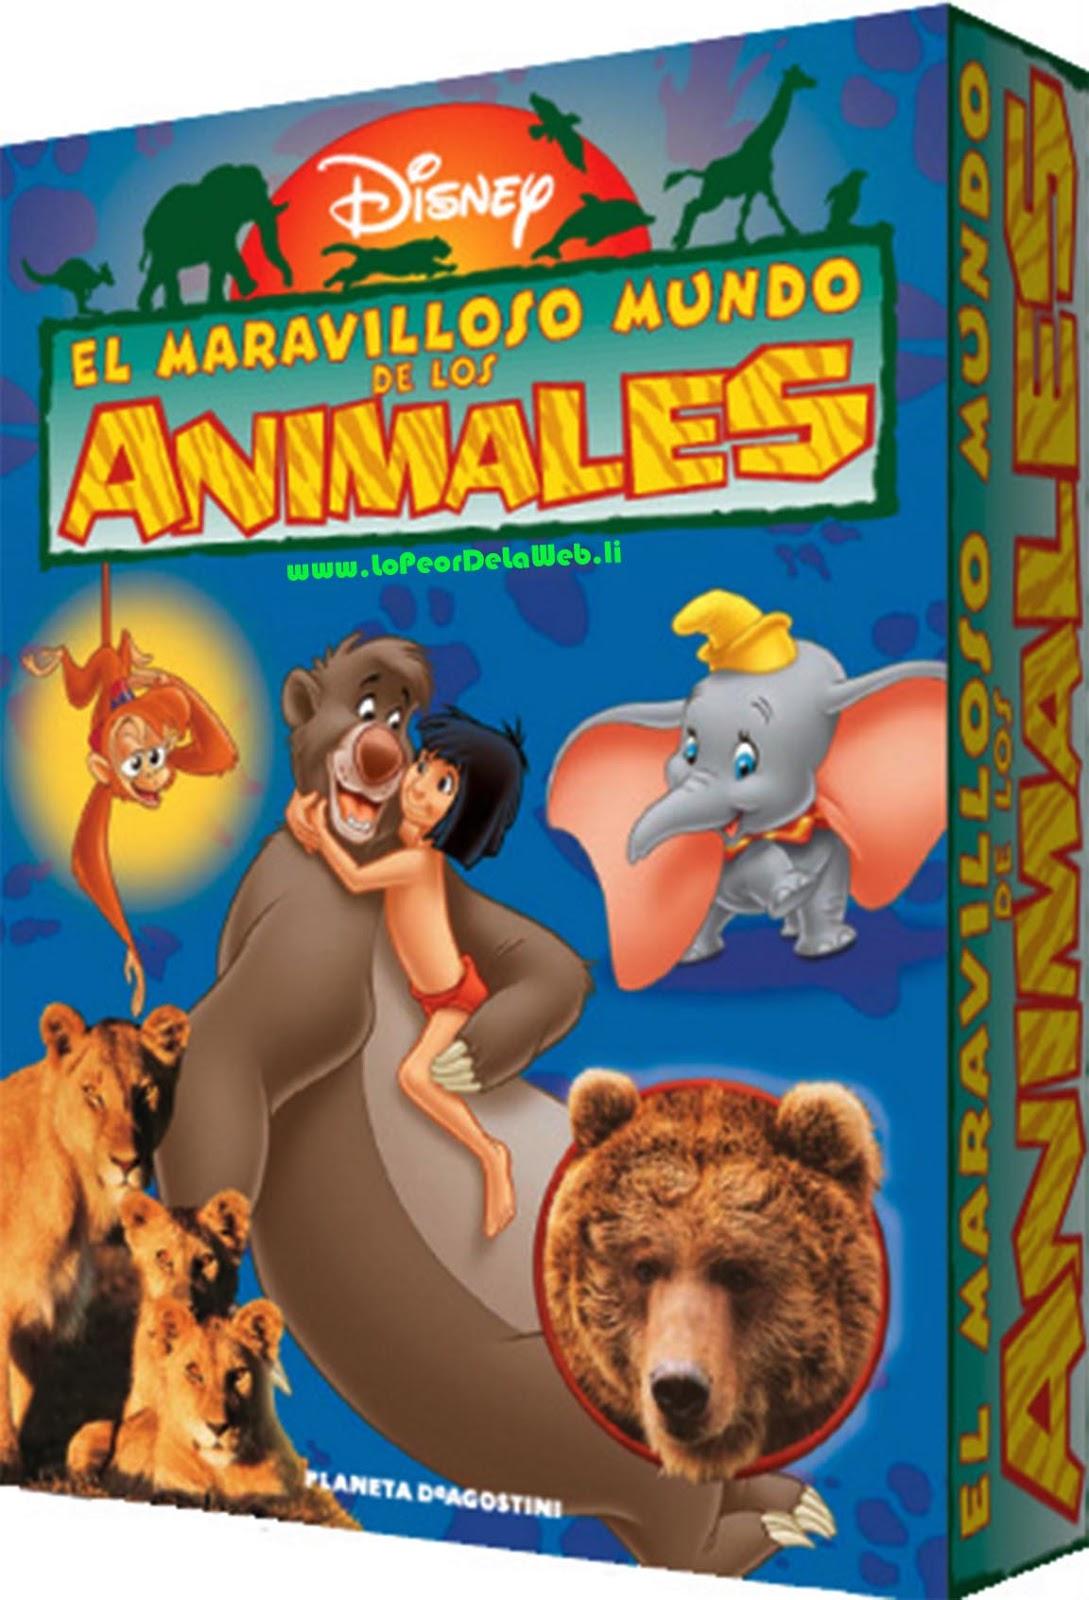 El Maravilloso Mundo de los Animales (Disney) Ep 11 a 15